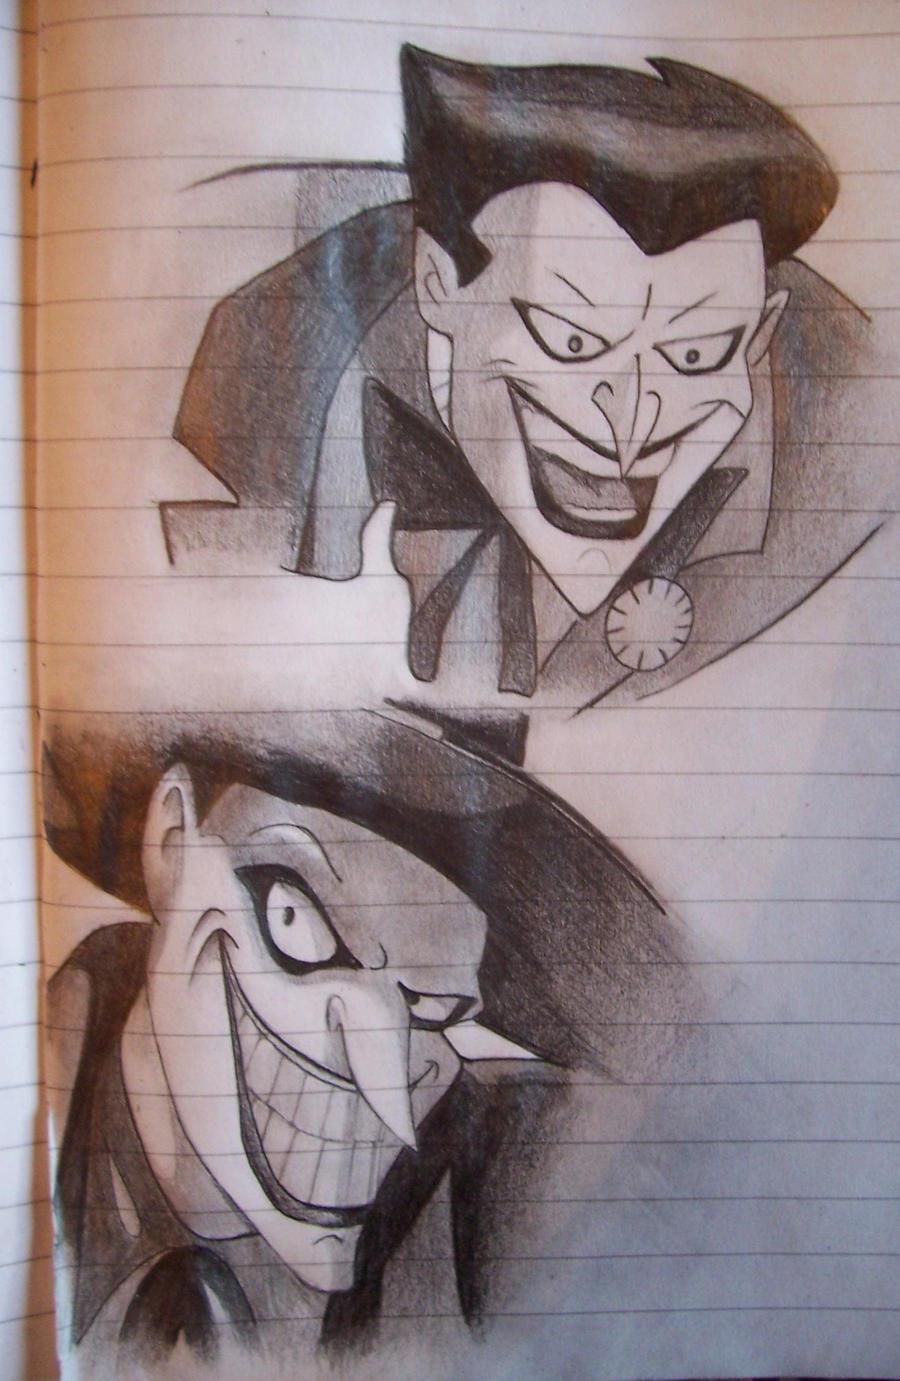 Joker cartoon by Astartte on DeviantArt